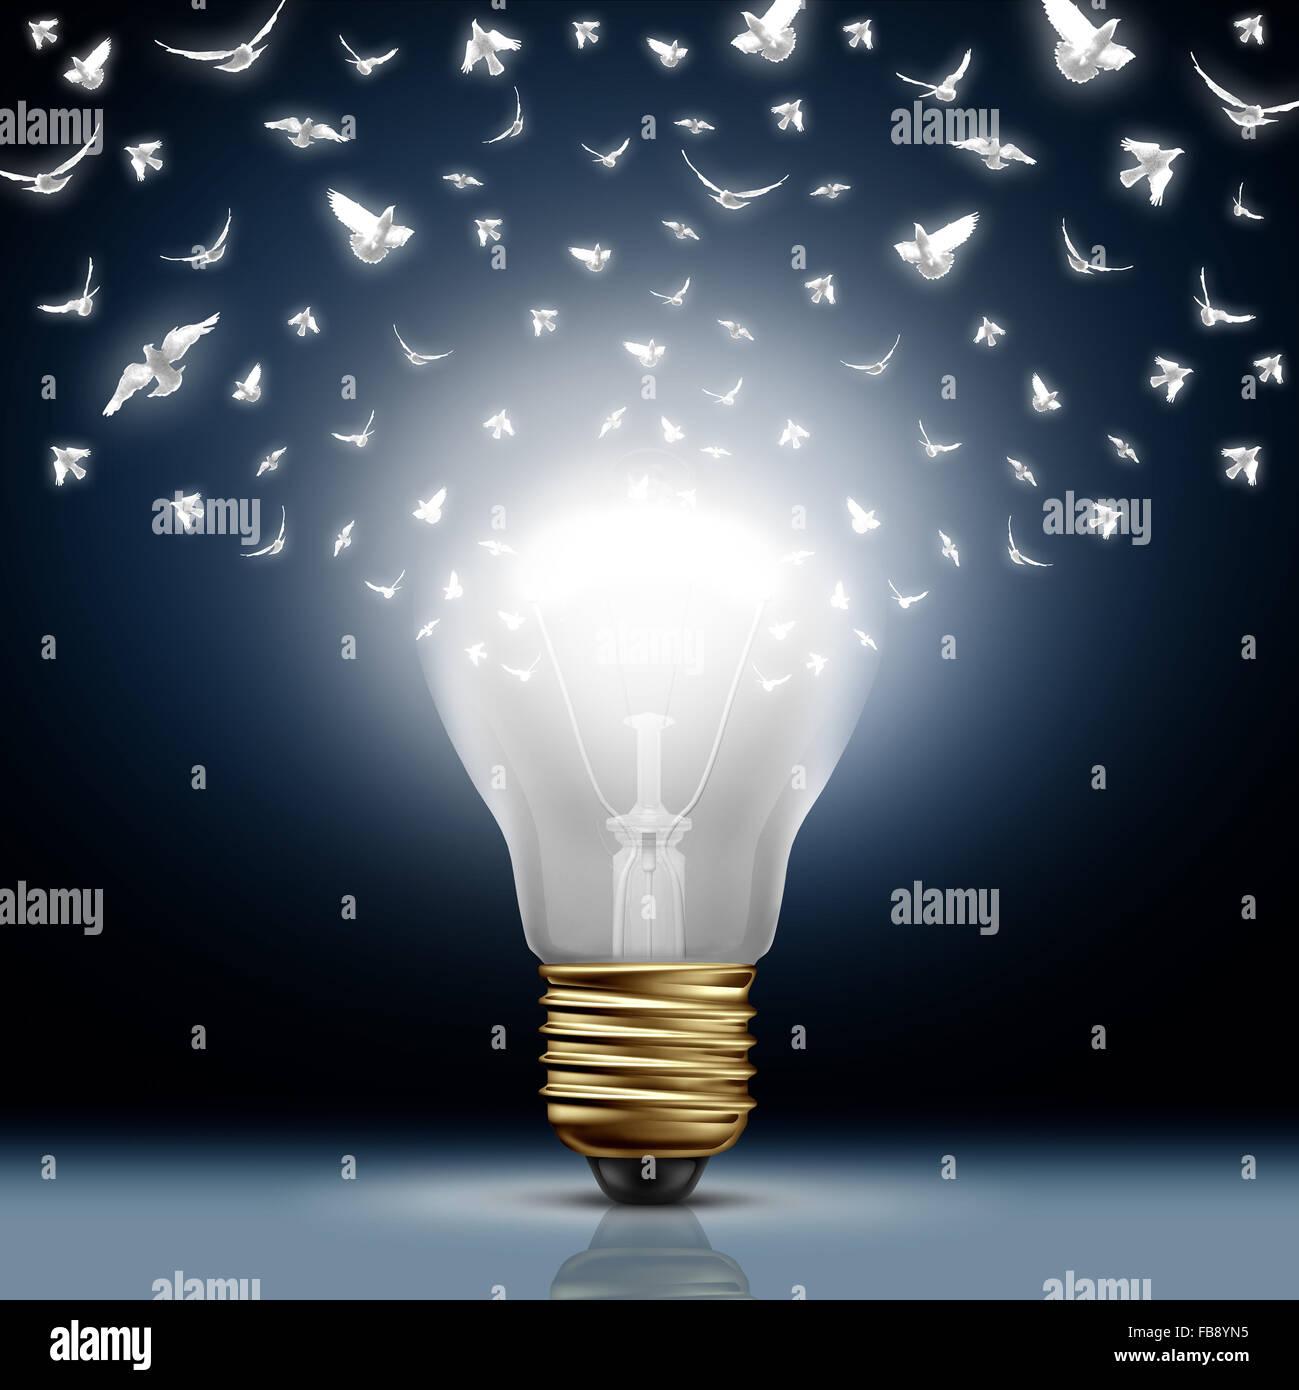 Inicio creativo concepto como una brillante bombilla luz blanca transformando a las aves que vuelan como una metáfora Imagen De Stock